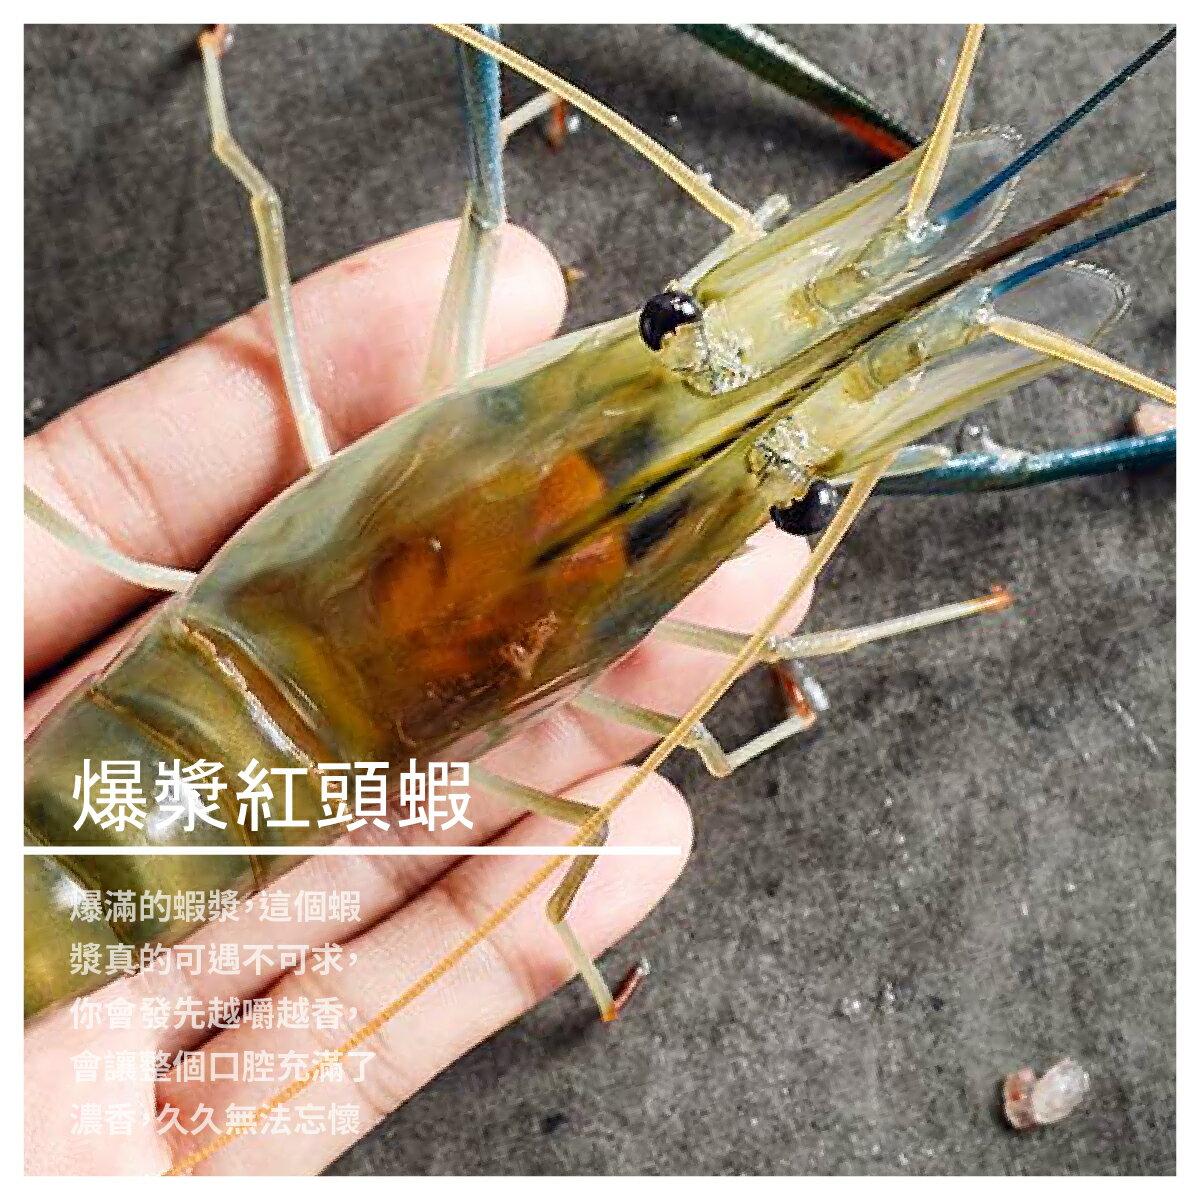 【黑豬泰國蝦宅配】爆漿紅頭蝦 600g